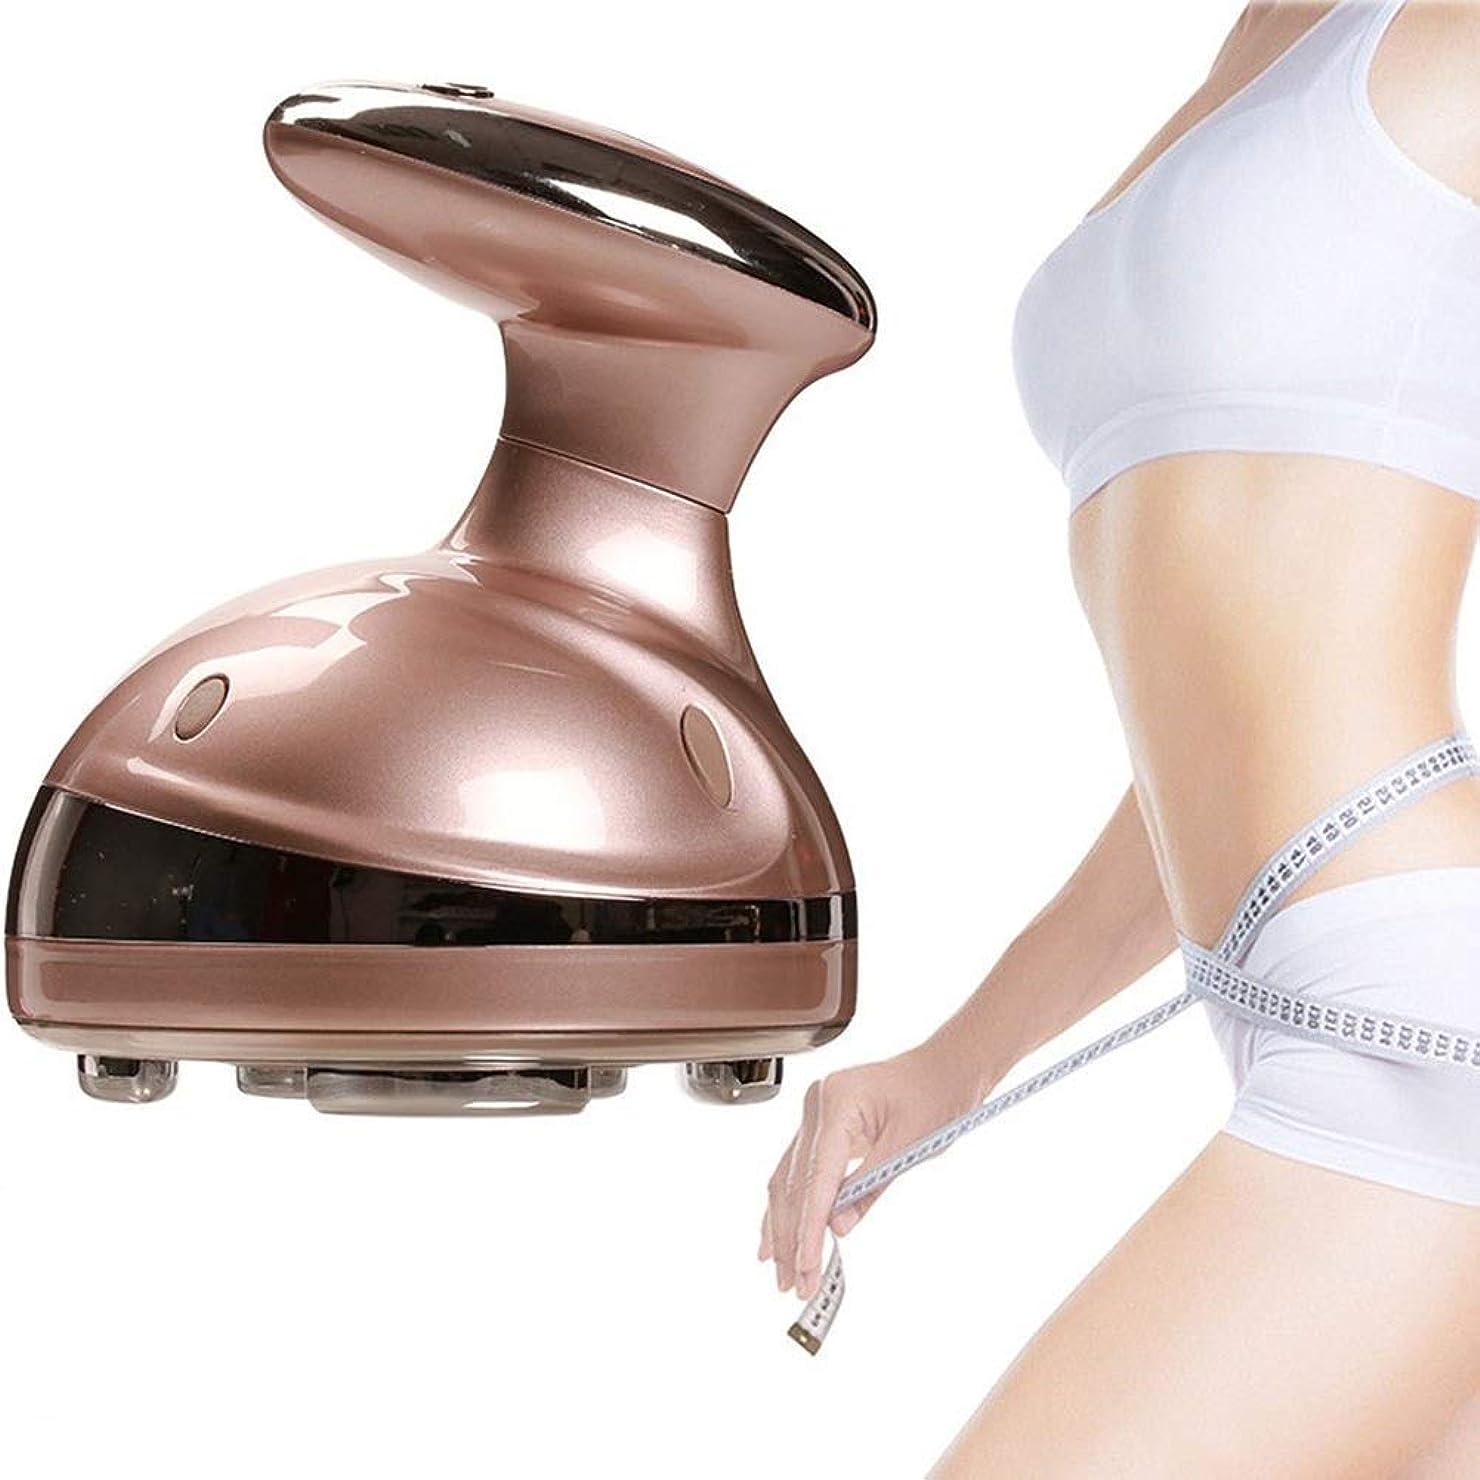 行政光沢百万超音波脂肪除去機、RF脂肪燃焼振動整形美容器具脂肪除去体重減少デバイス、LEDフォトンアンチセルライト痩身ボディ美容院